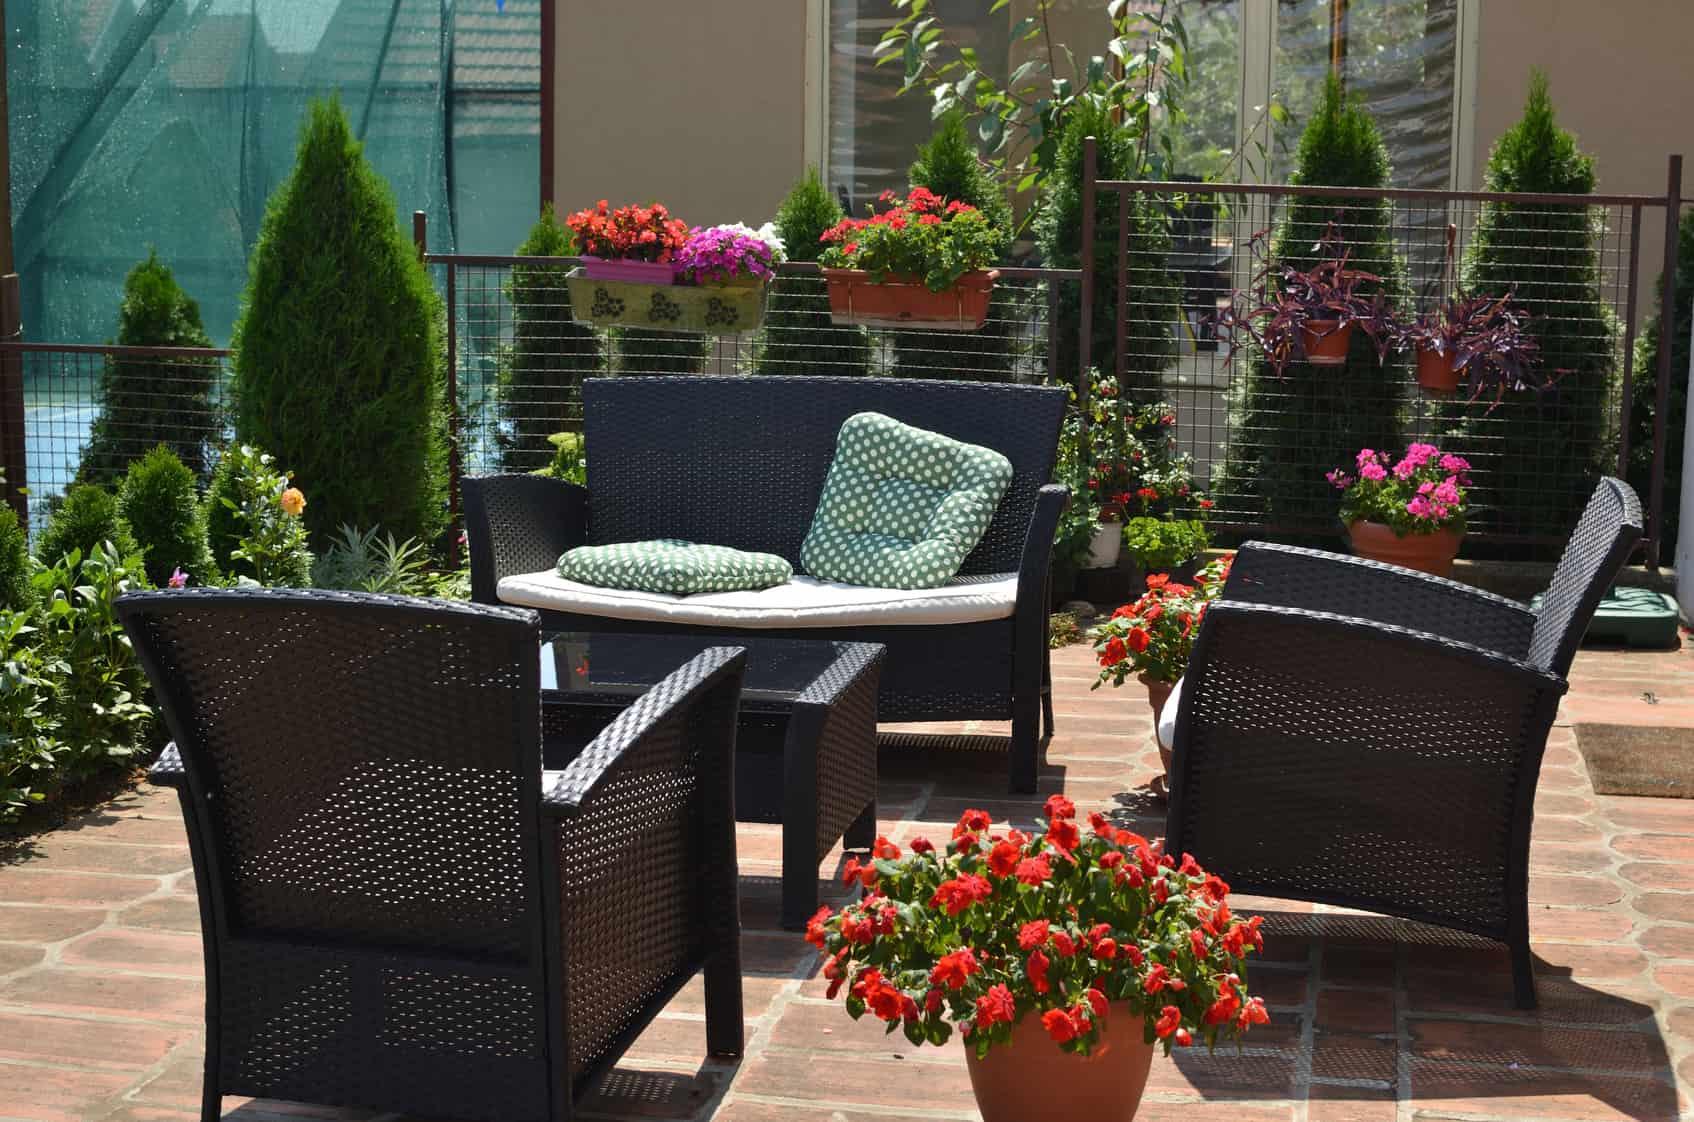 krzesła w ogrodzie